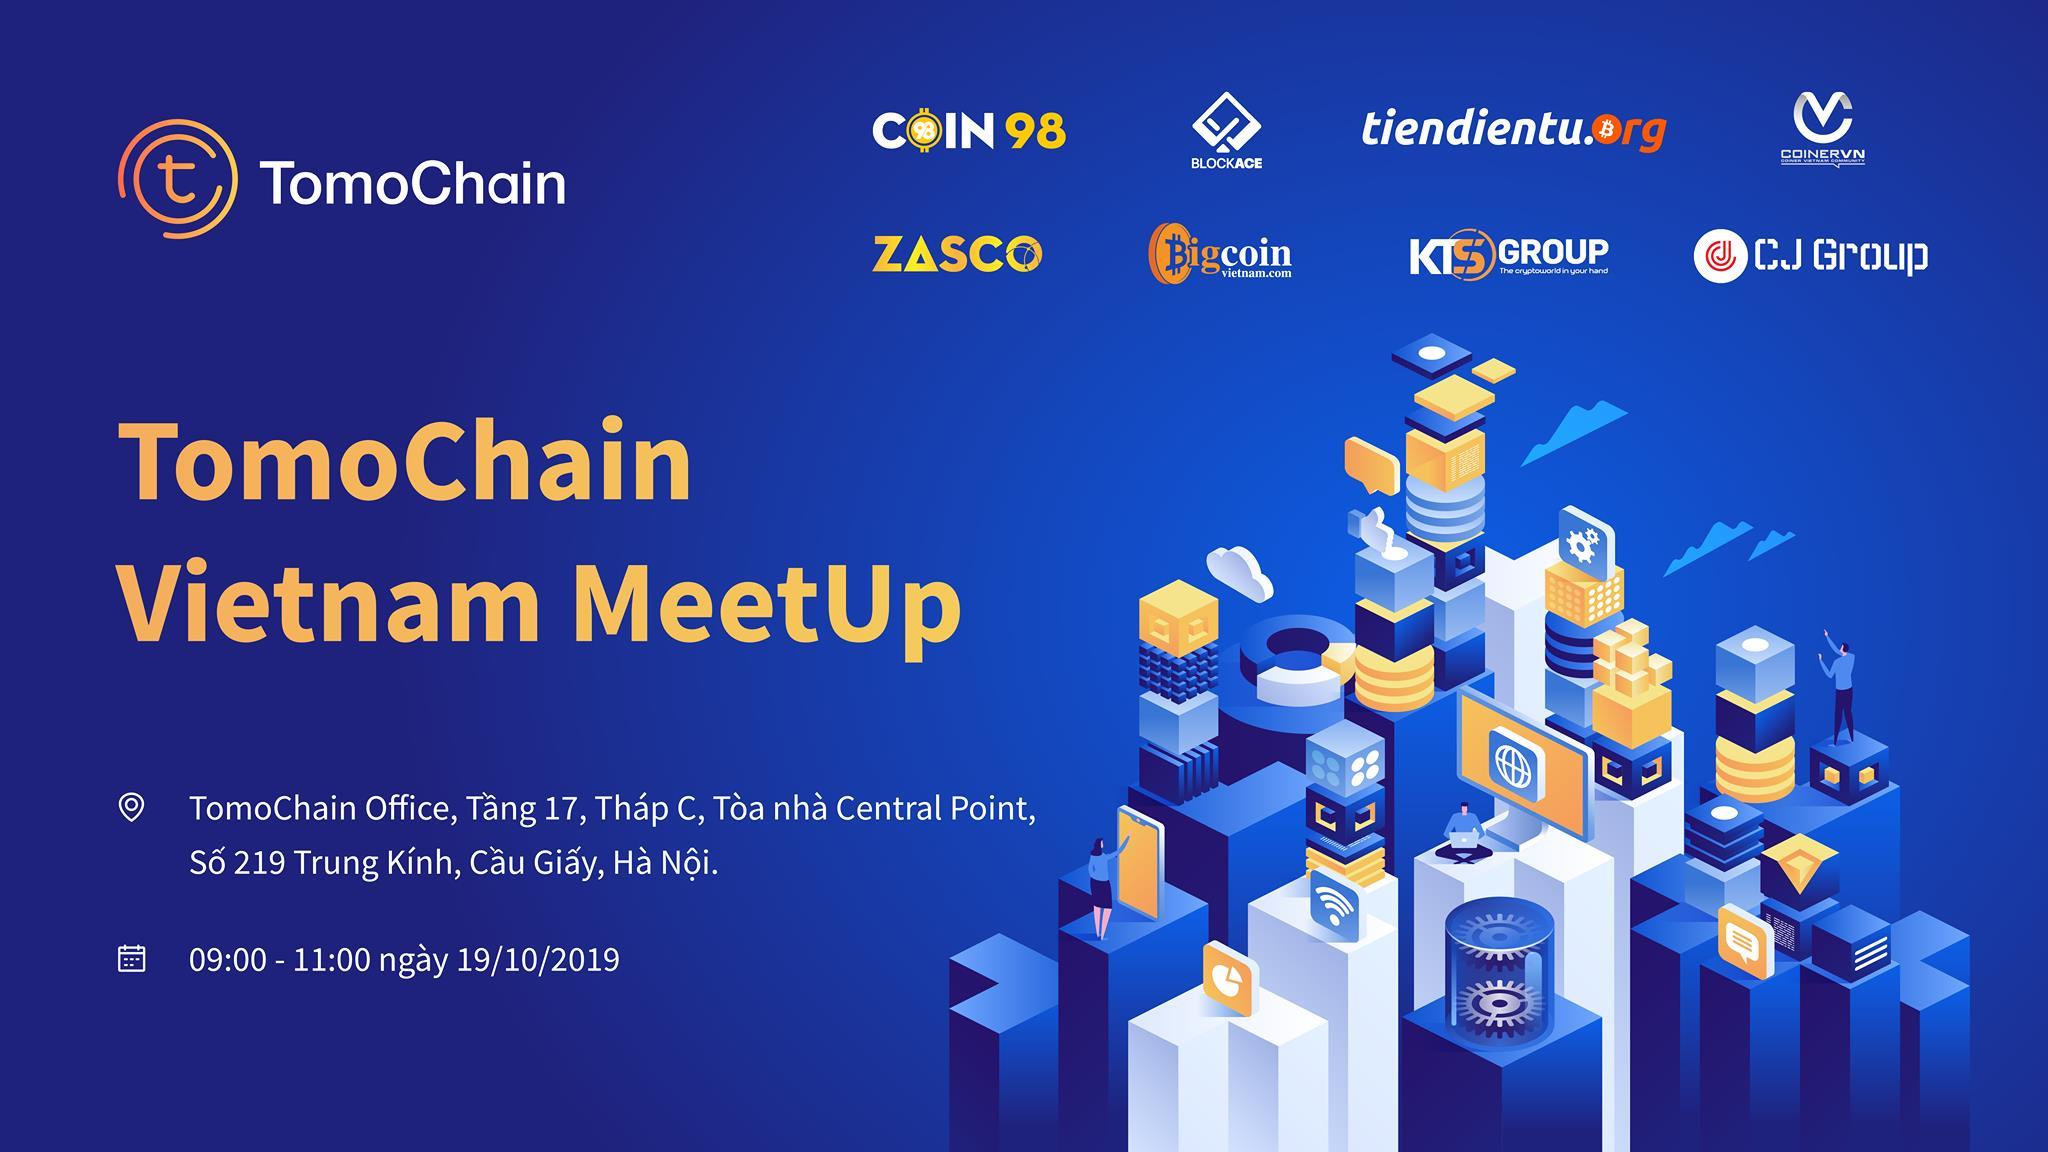 tiendientu.org-tomochain-vietnam-meet-up-lan-dau-tien-xuat-hien-tai-ha-noi